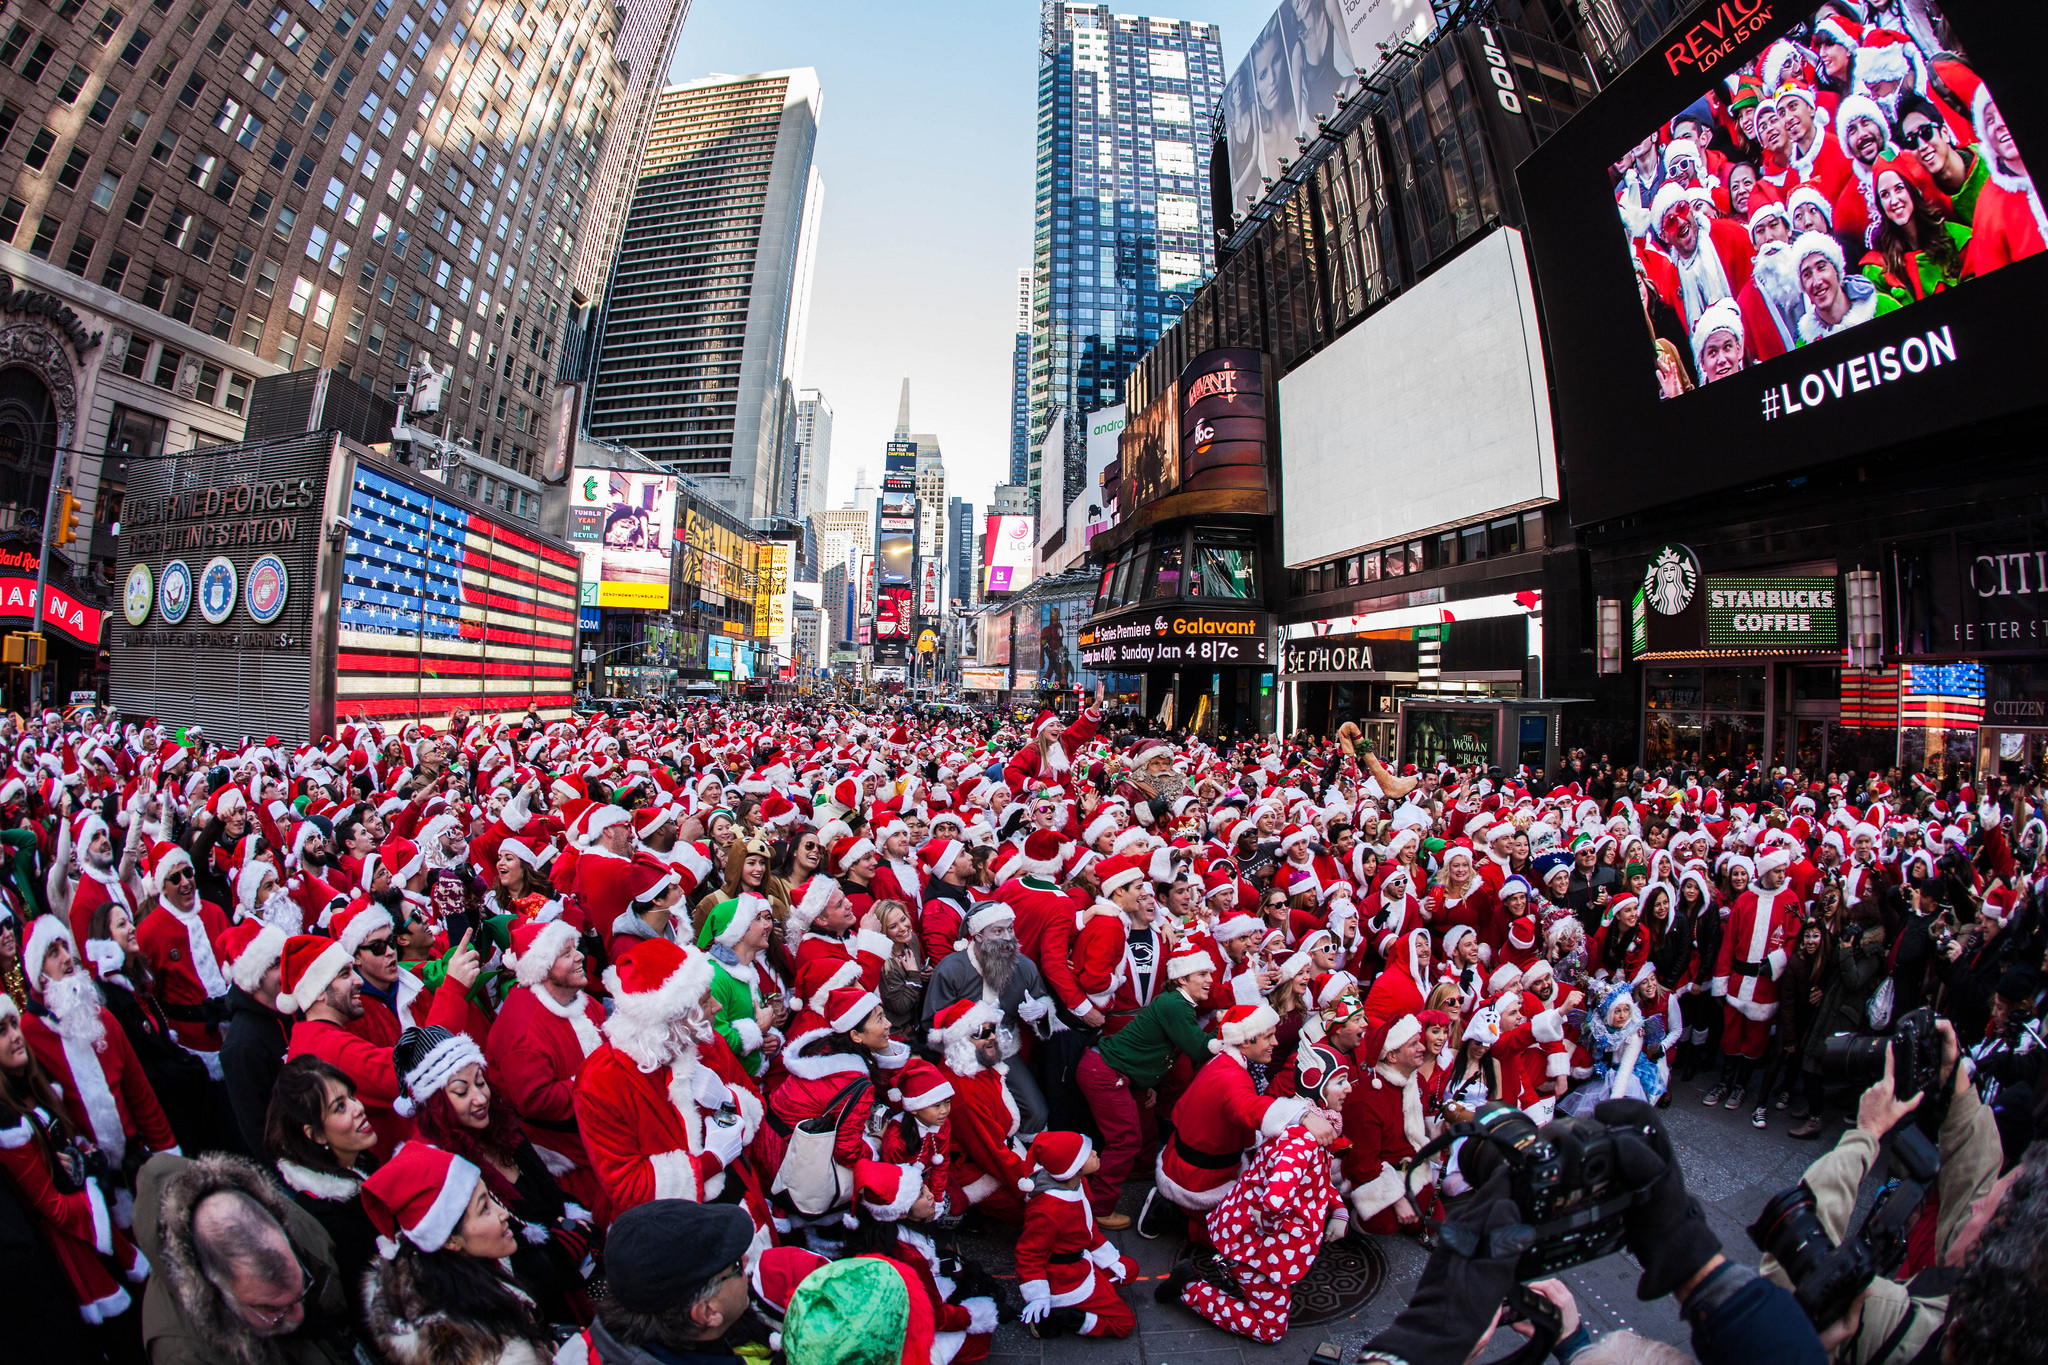 Wettervorhersage Für Weihnachten 2019.Wetter In New York Im Dezember 2019 Temperatur Klimatabelle